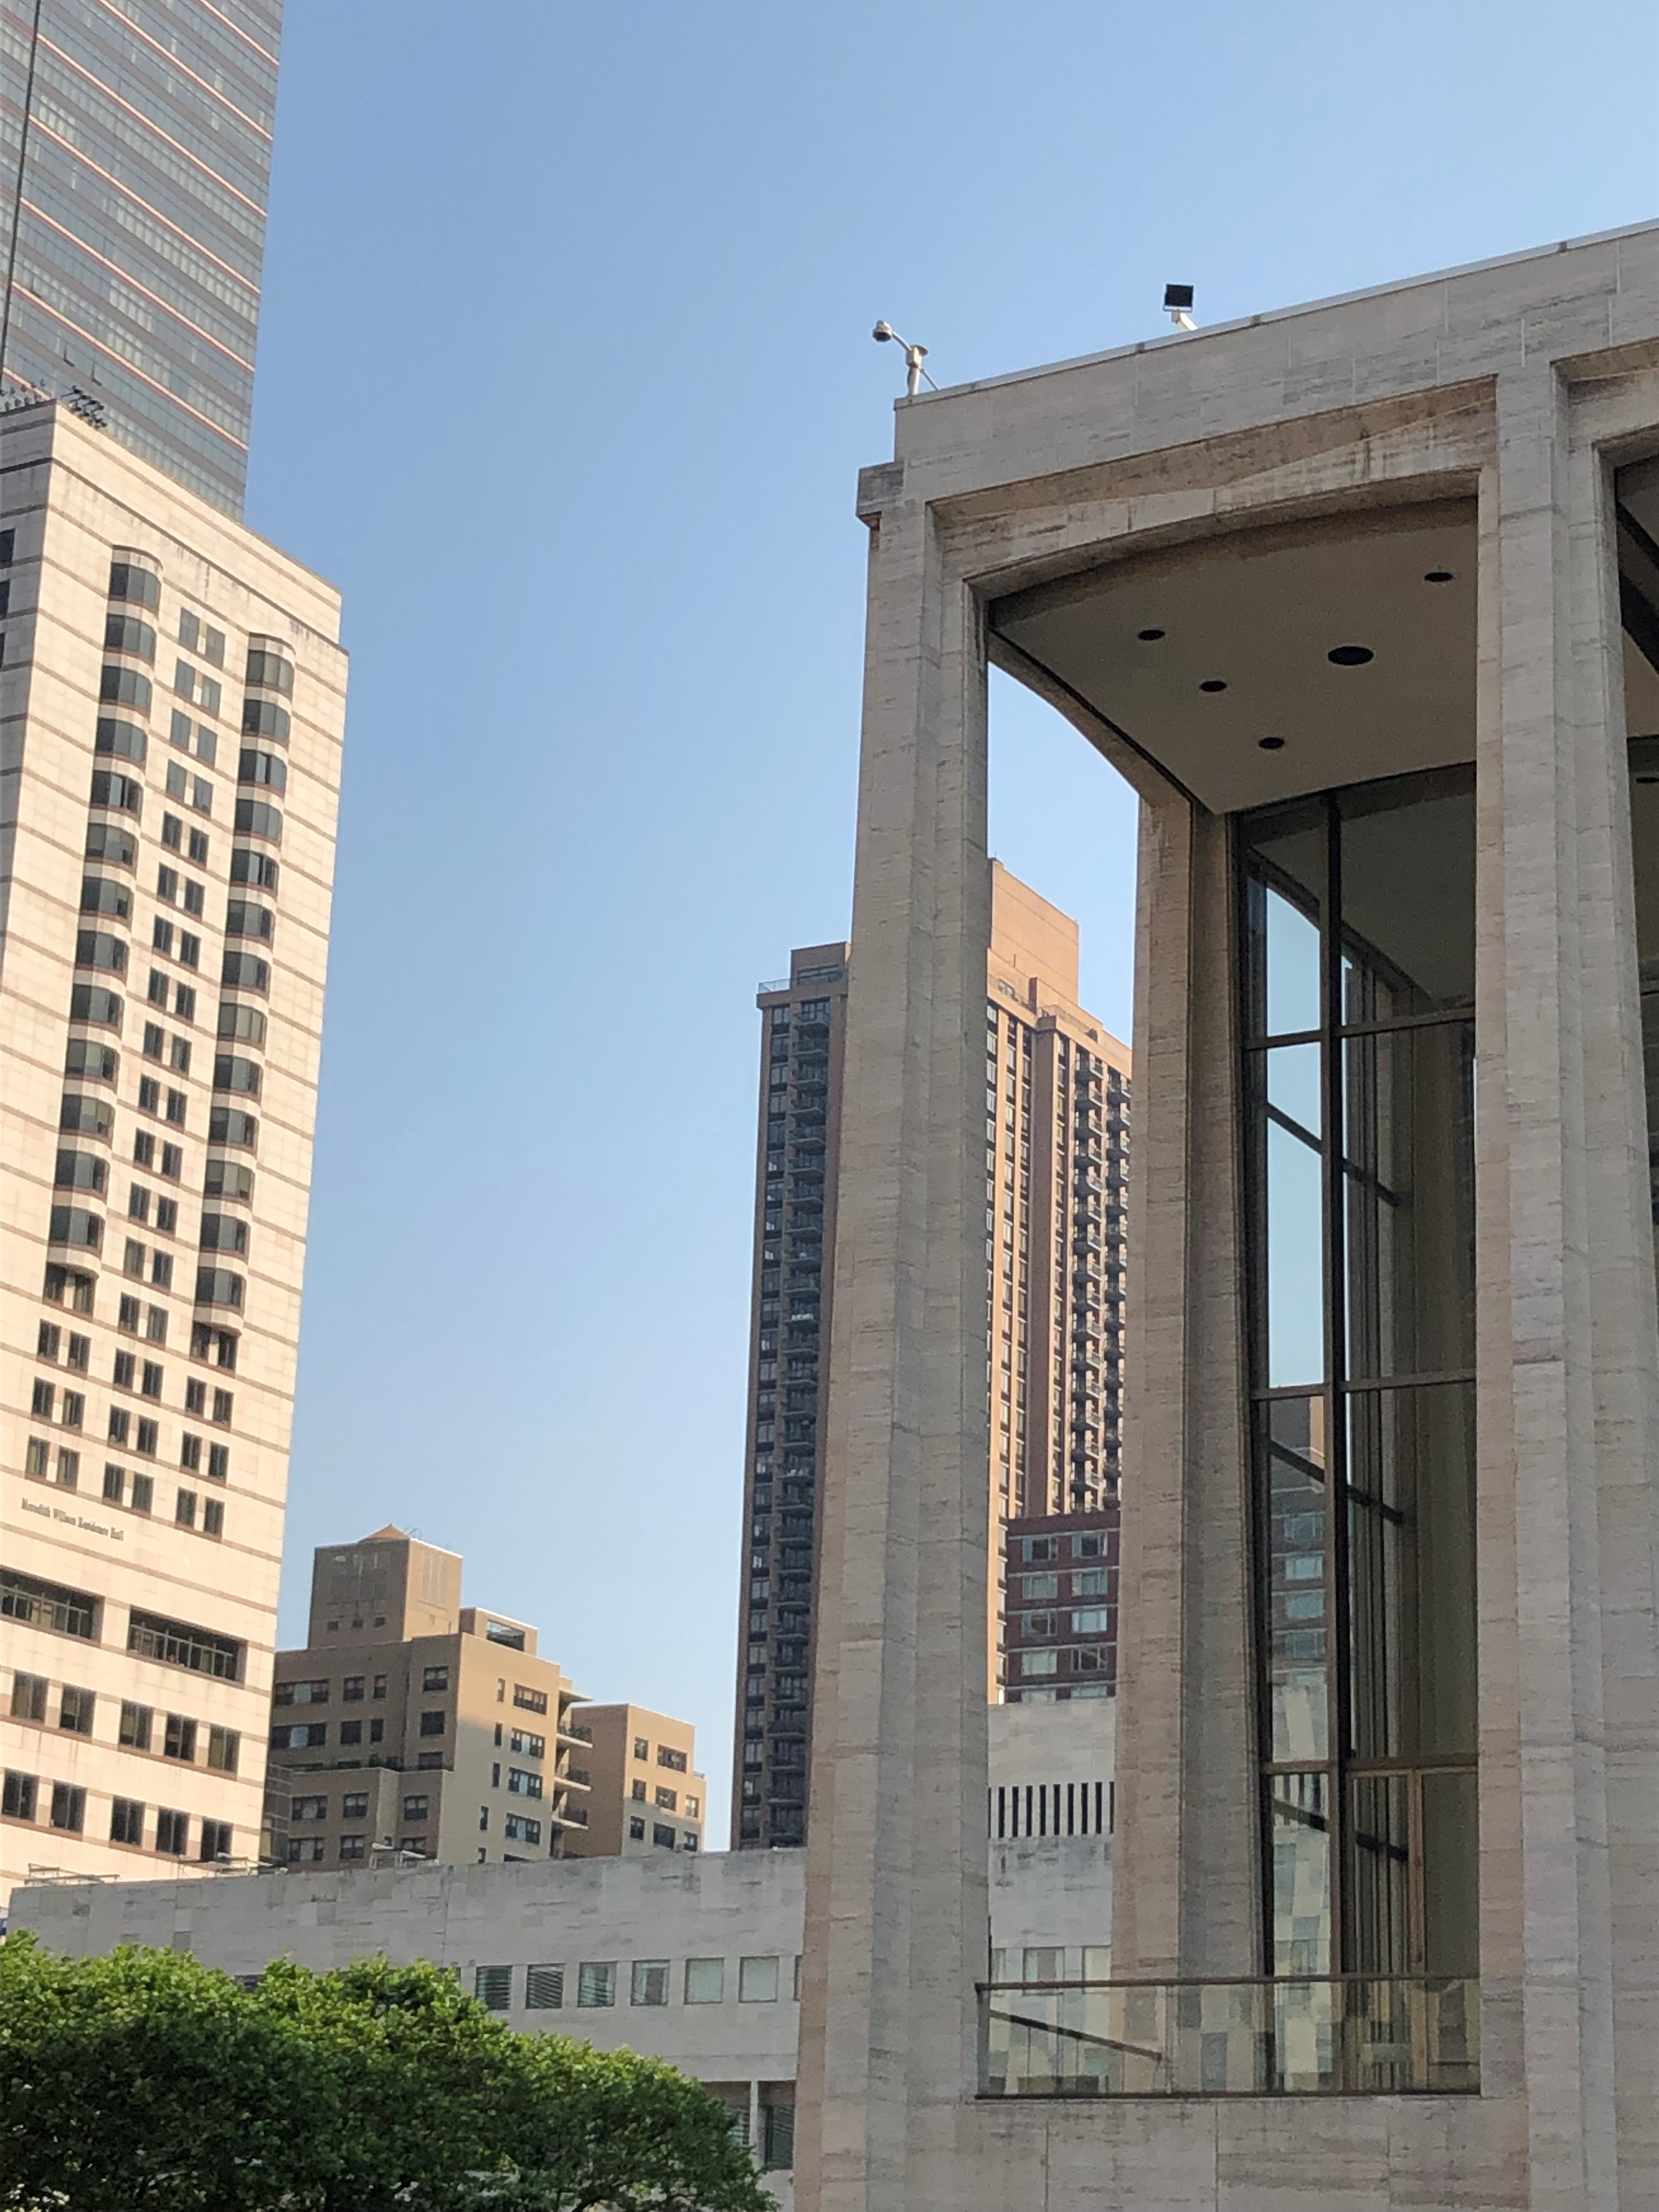 Lincoln Center, New York, NY